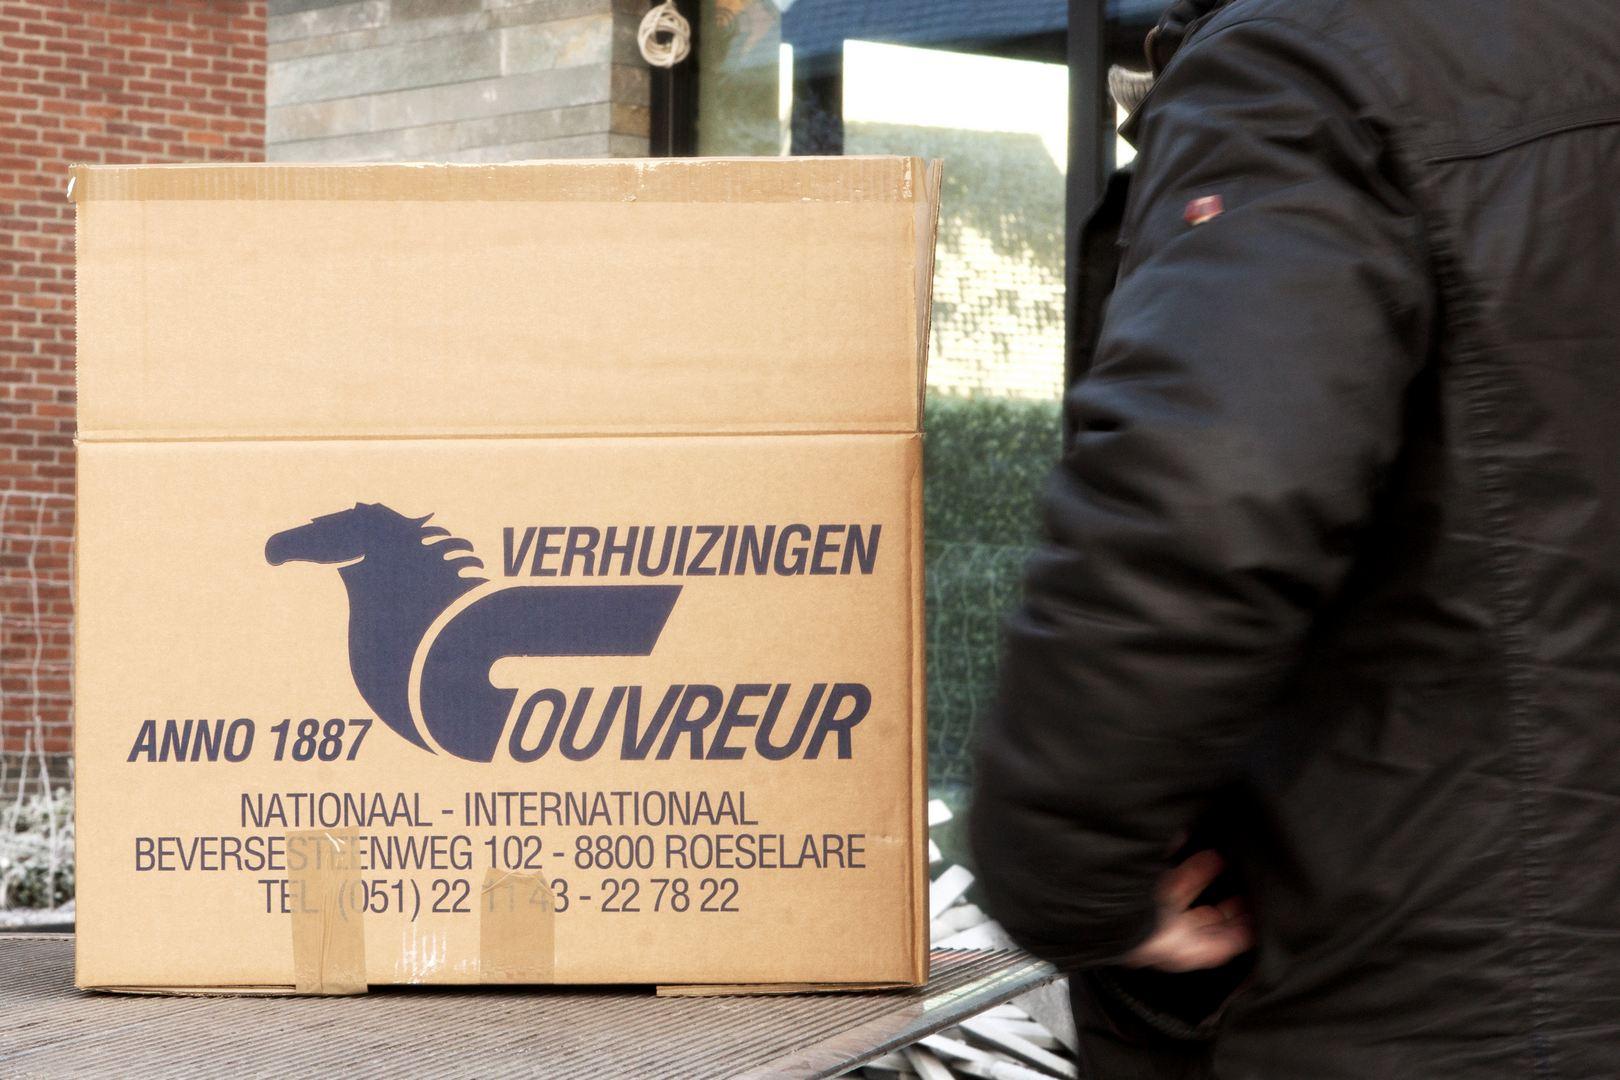 Verhuisfirma Couvreur stelt verhuisdozen ter beschikking